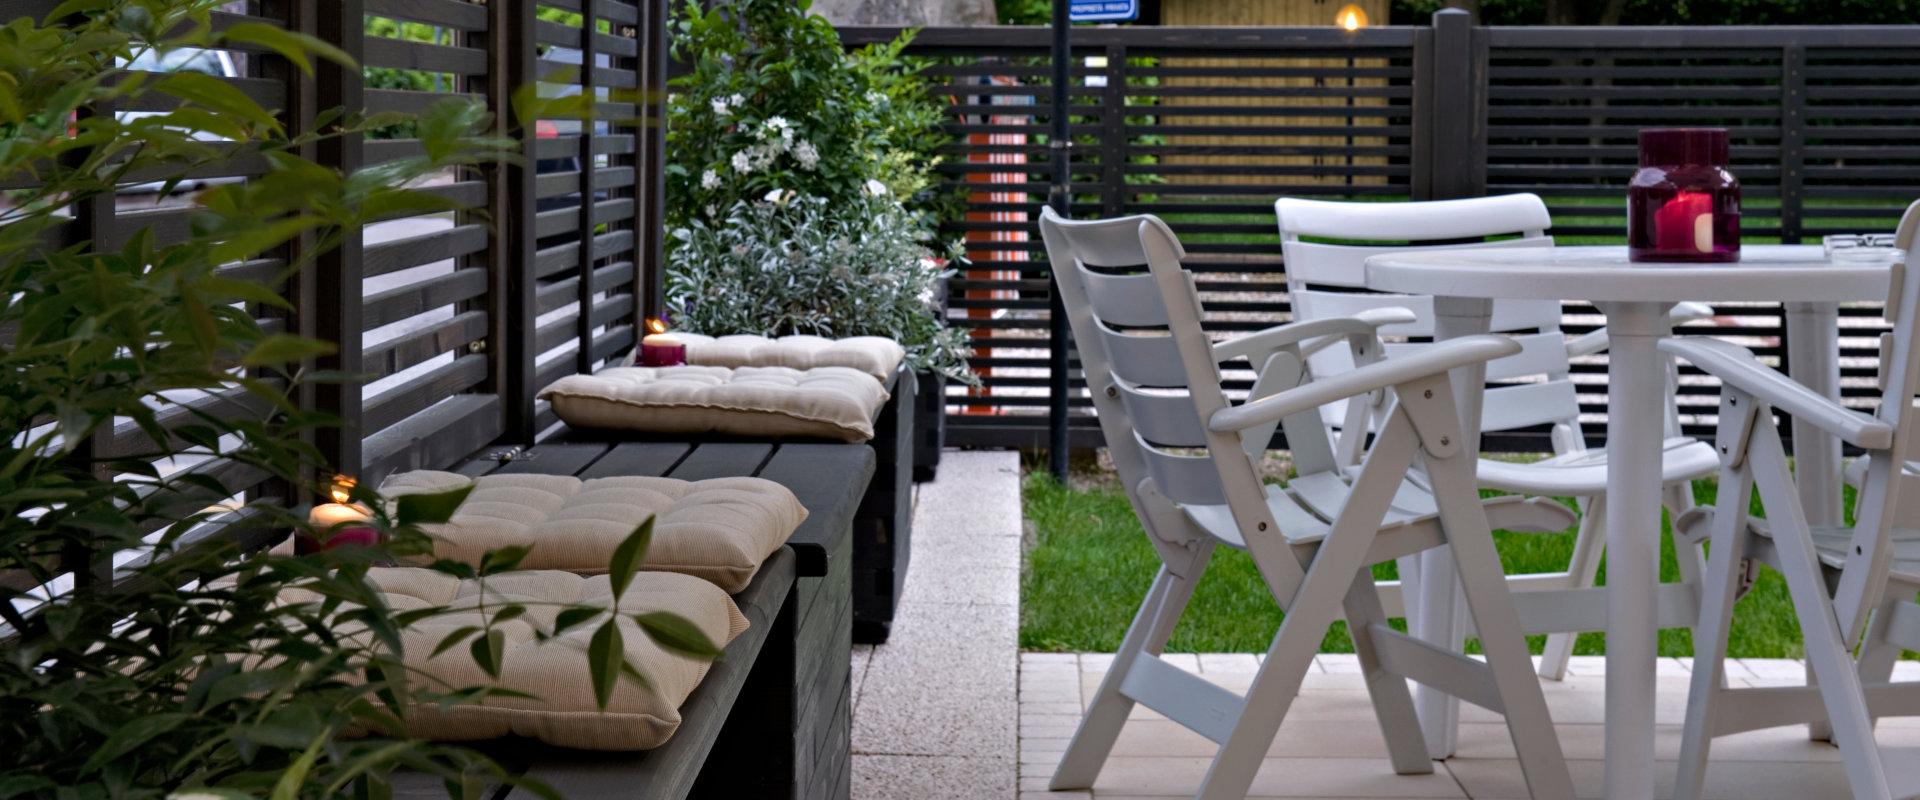 Il giardino attrezzato dell'hotel Renania a Bibione